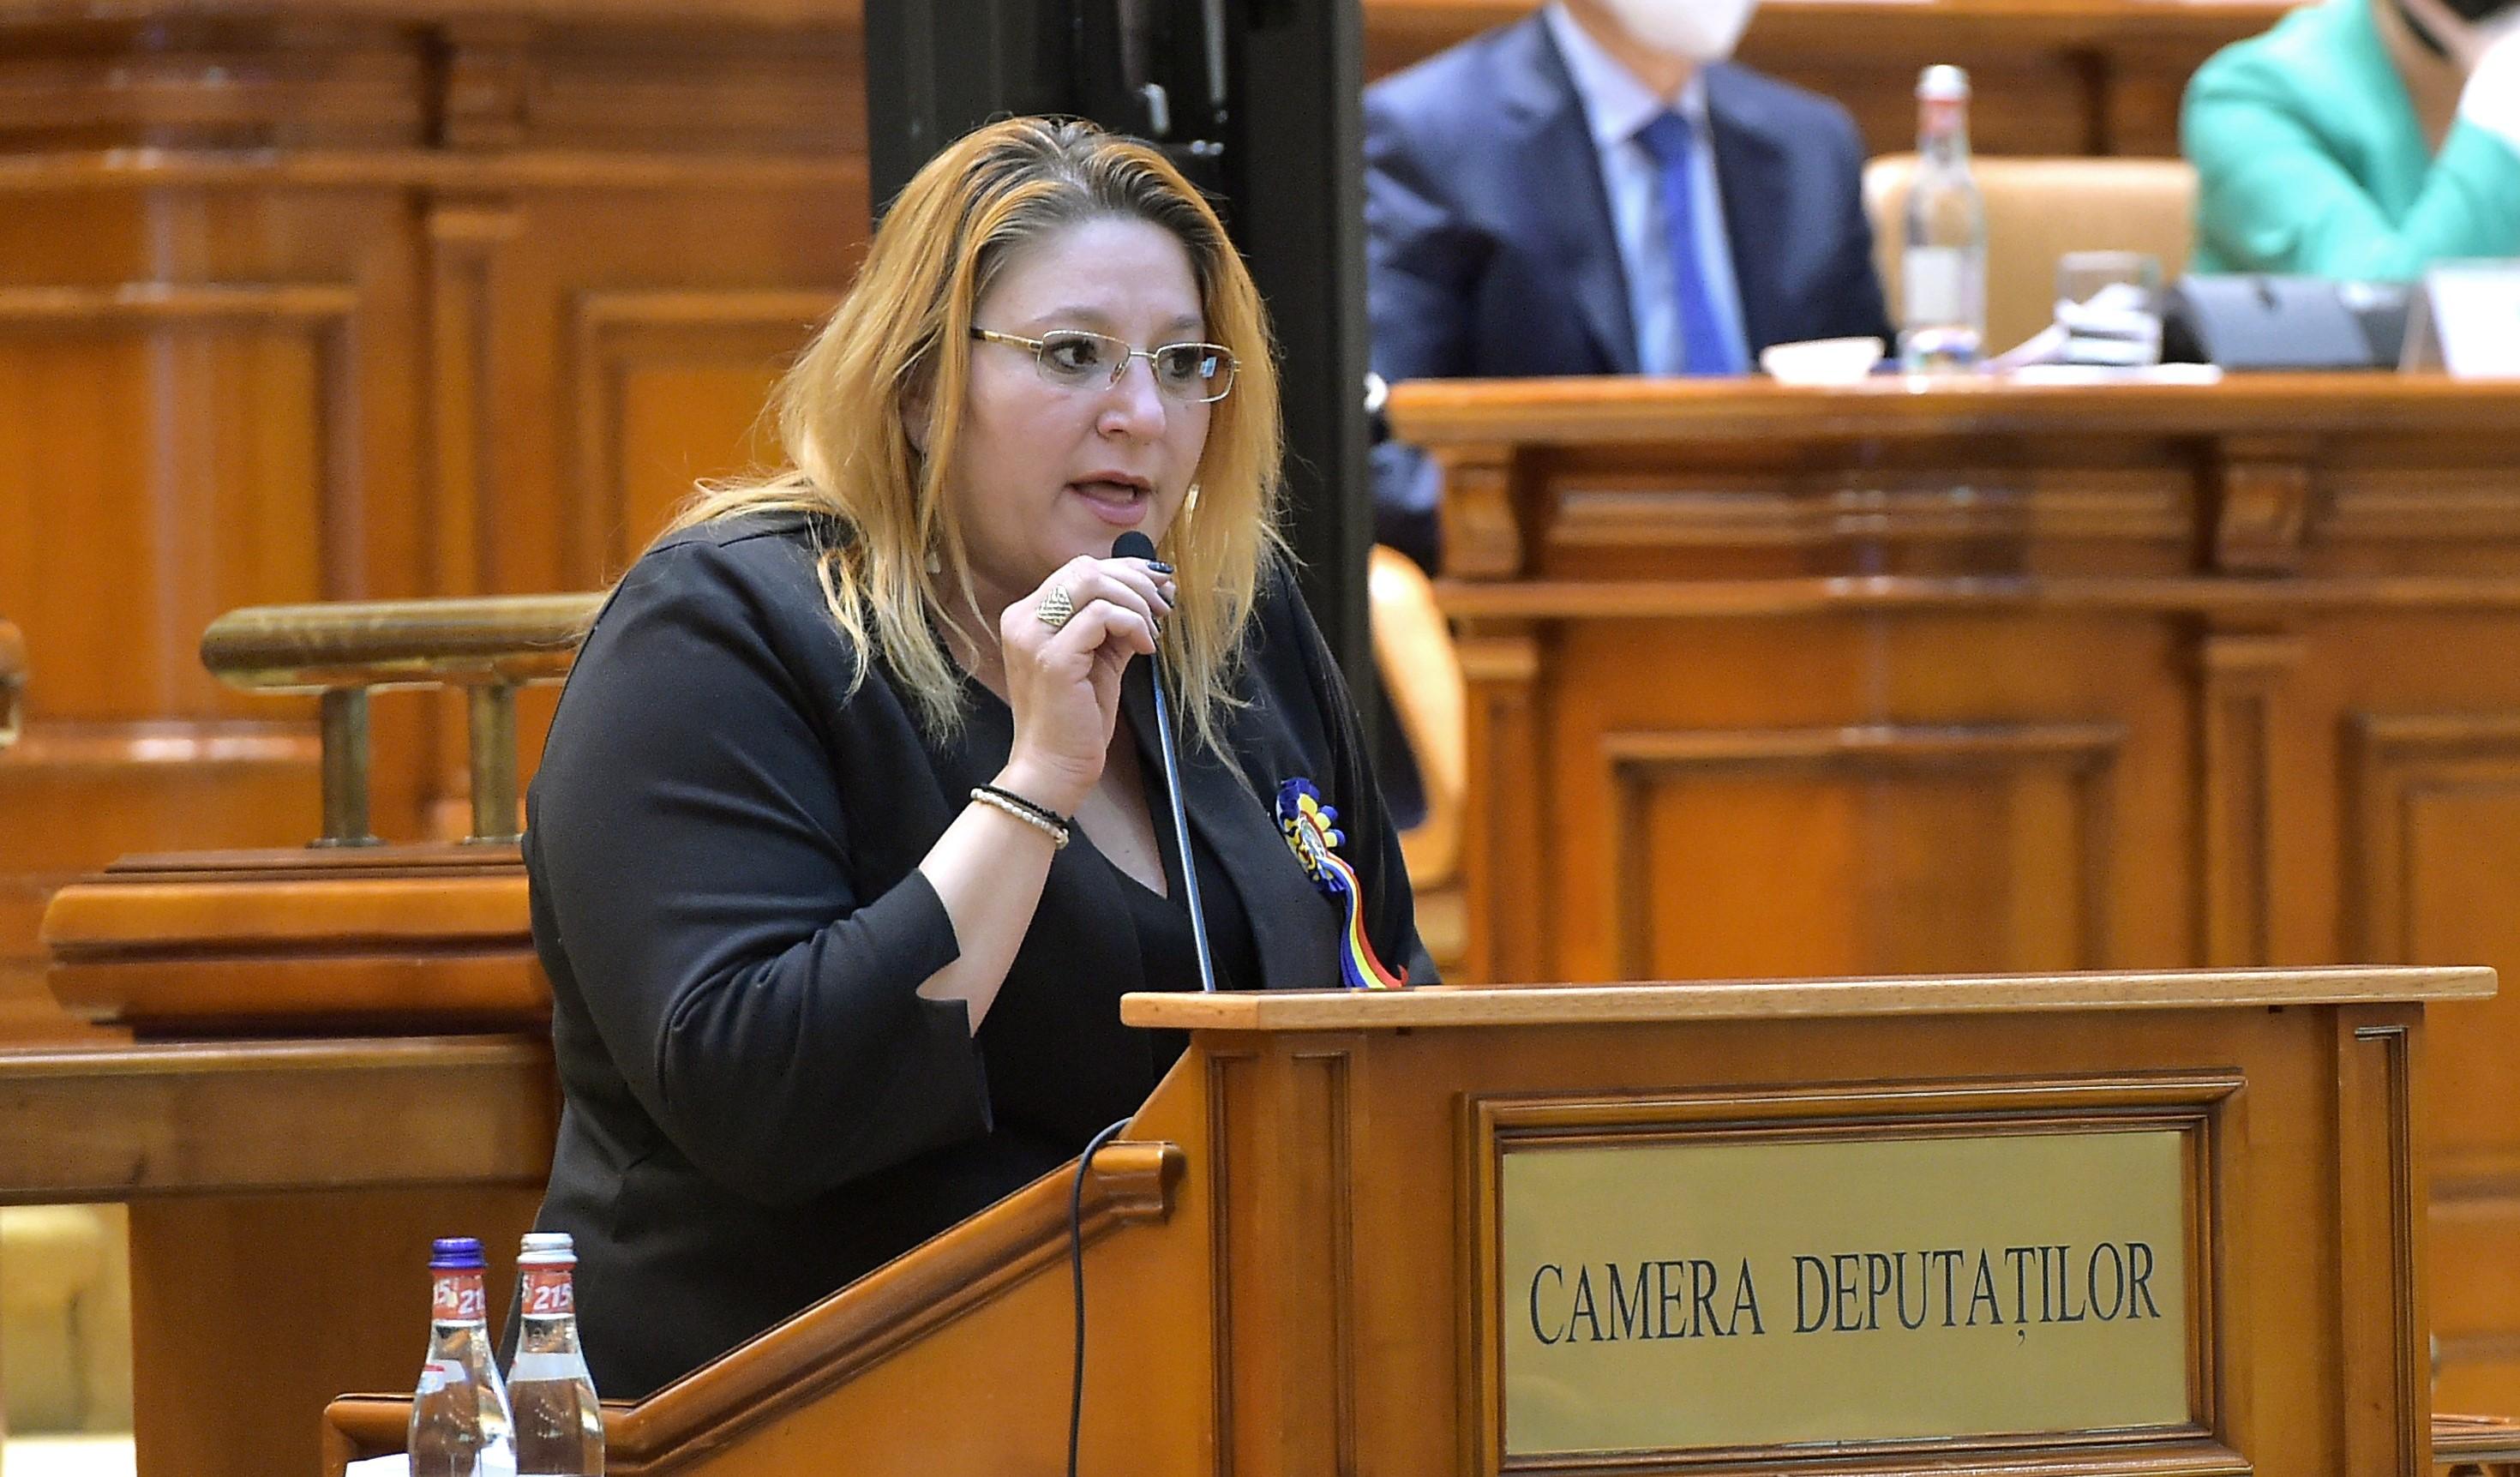 """VIDEO. Șoșoacă a refuzat să poarte mască anti Covid în Parlament: """"Eu vă spun jos masca"""""""